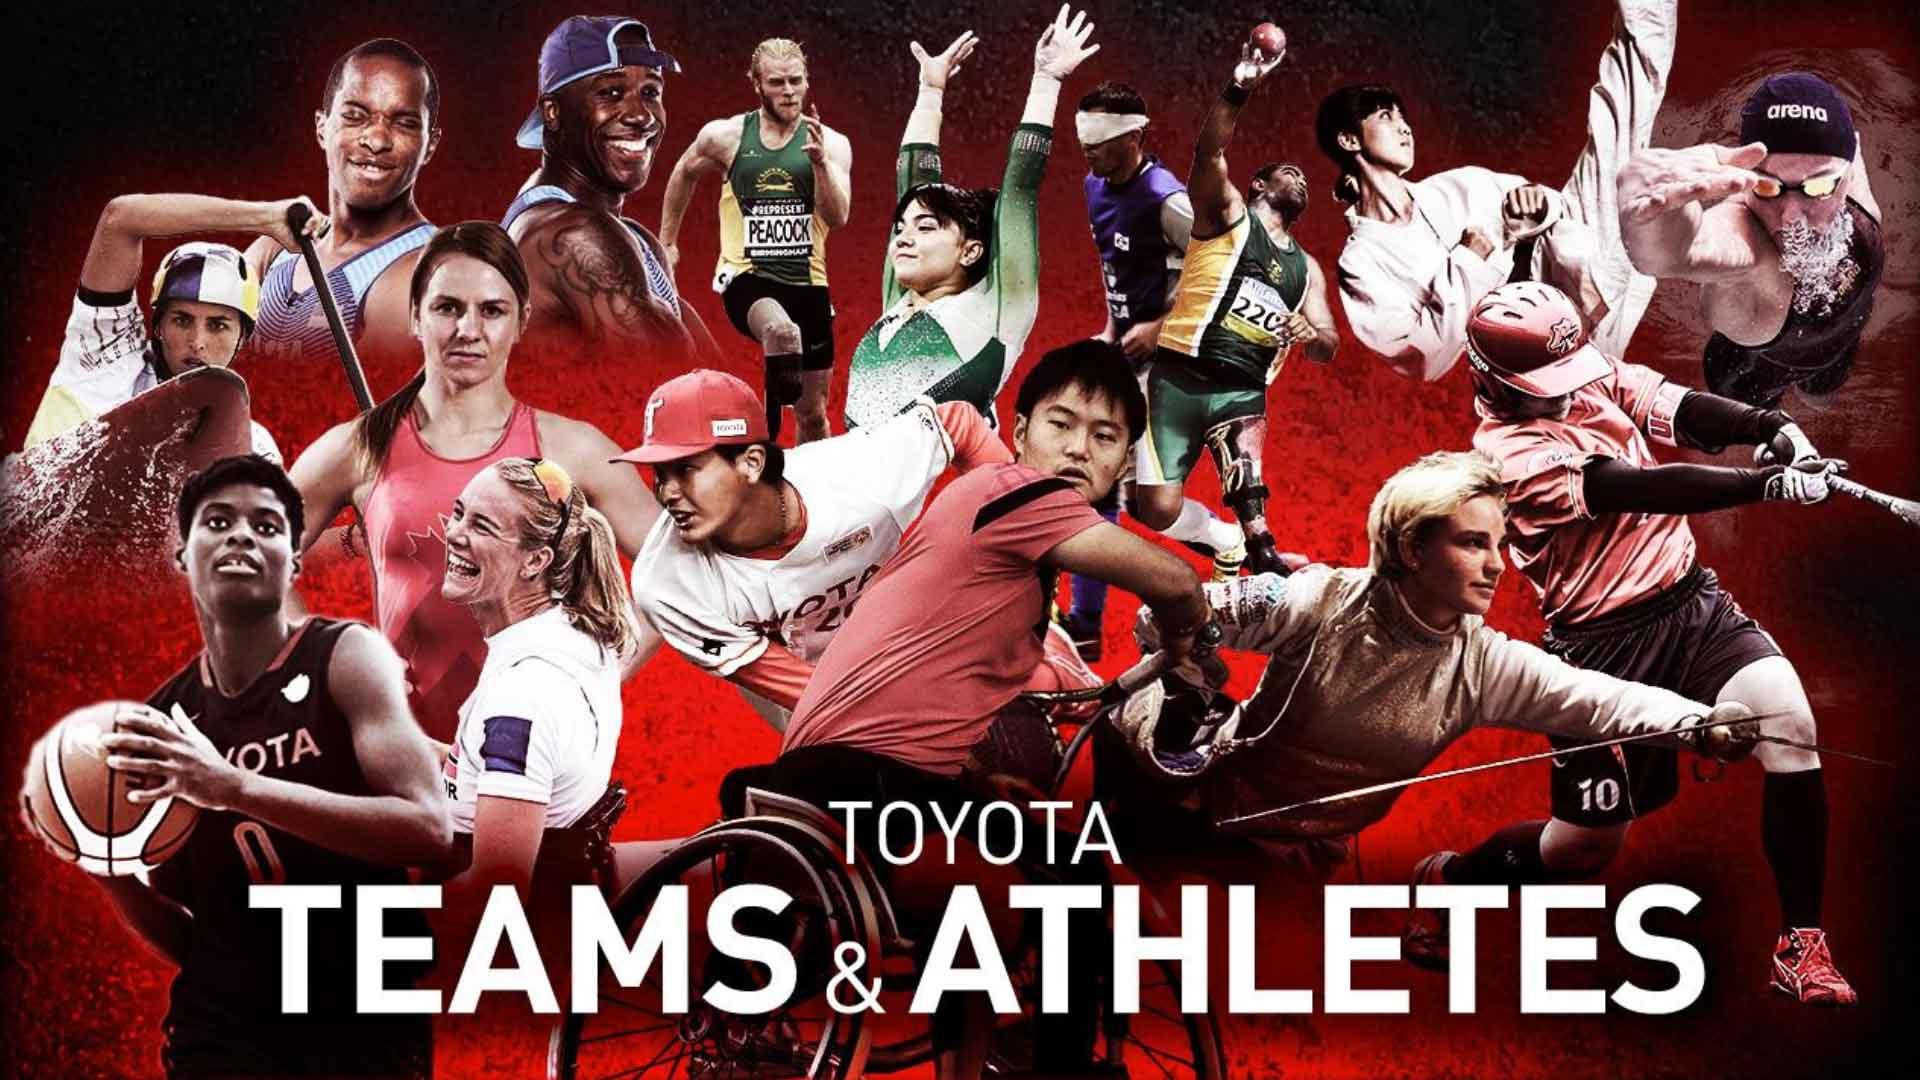 car dealership - Toyota